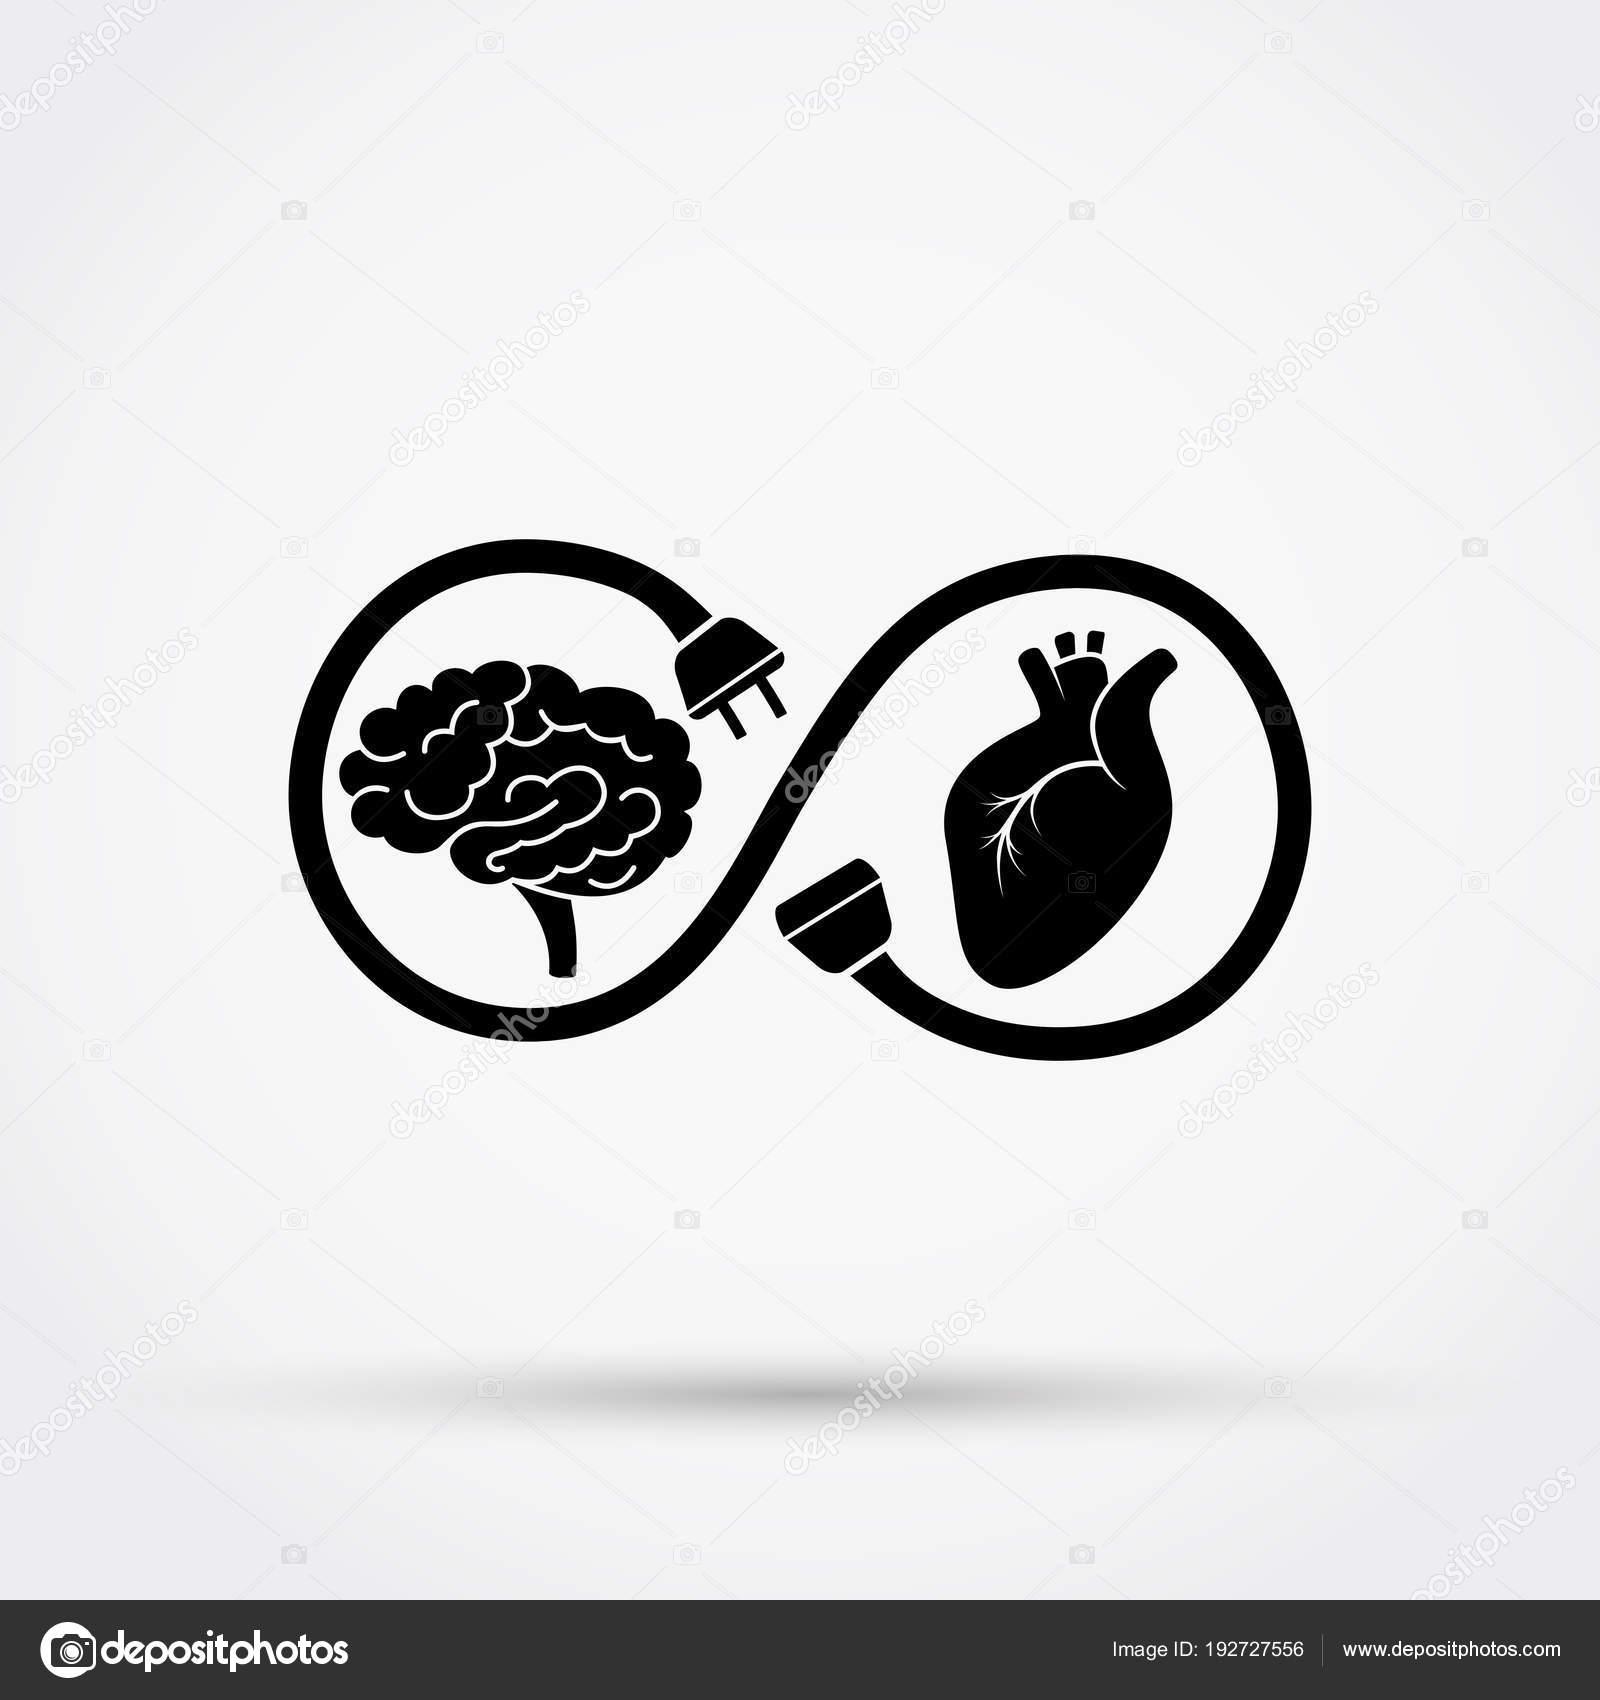 Hearts 2 сердце торрент разум современное искусство военное minds и